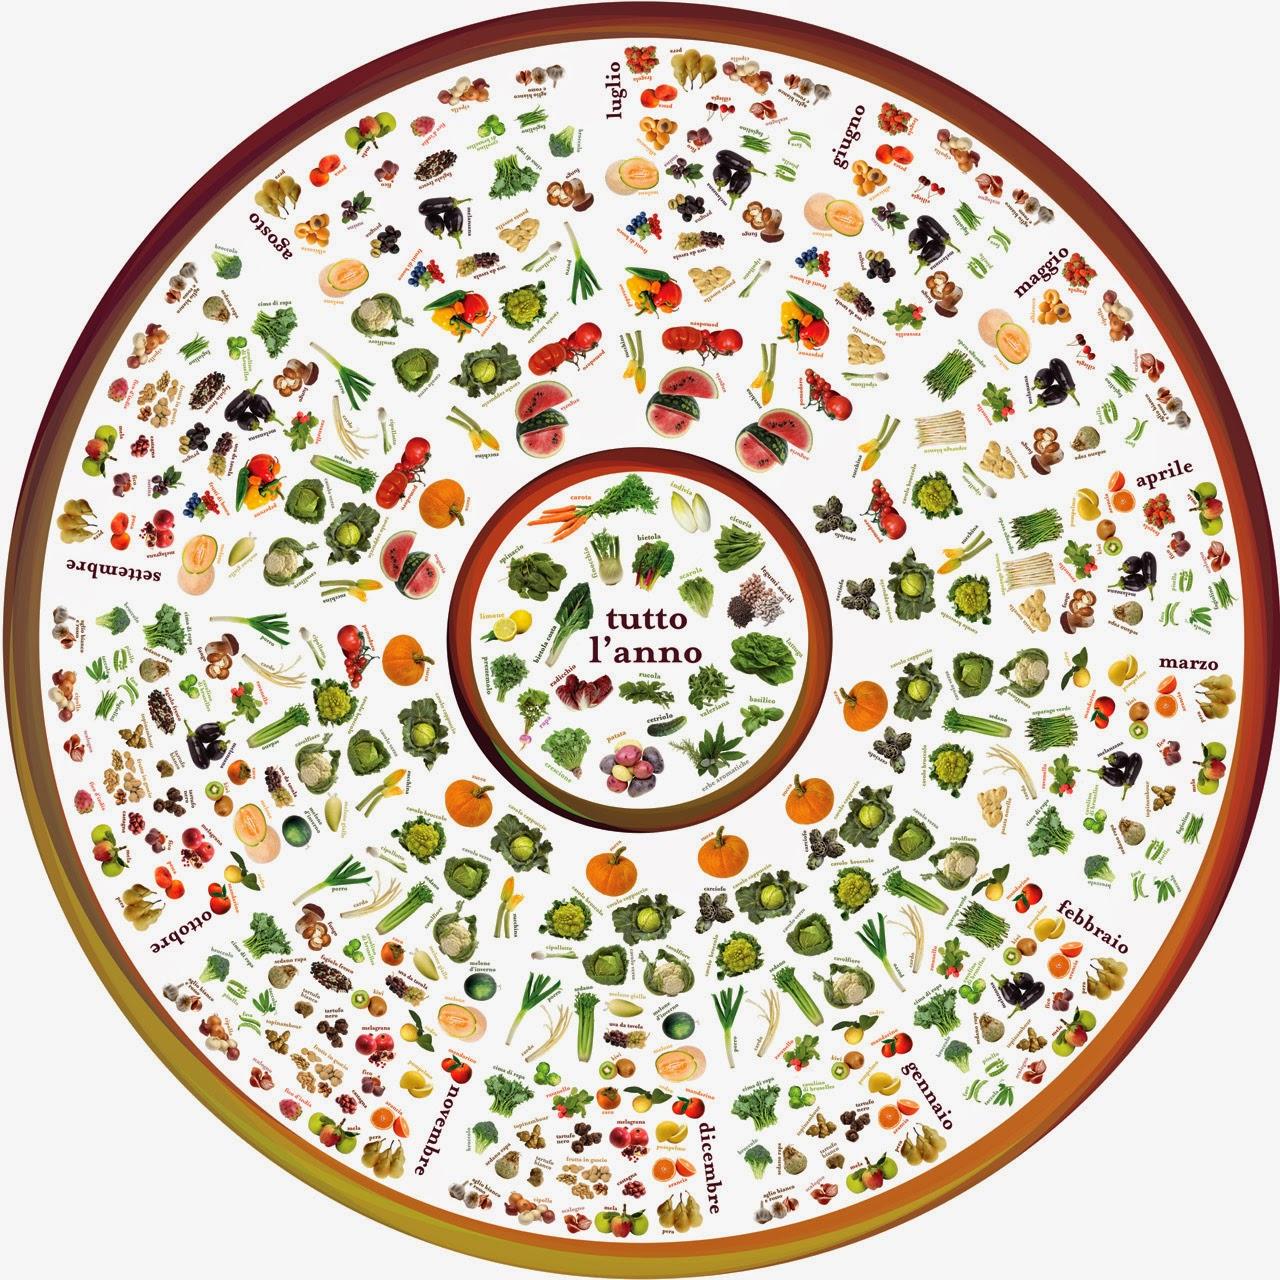 frutta di stagione: calendario biologico con i periodi di maturazione naturali della frutta.